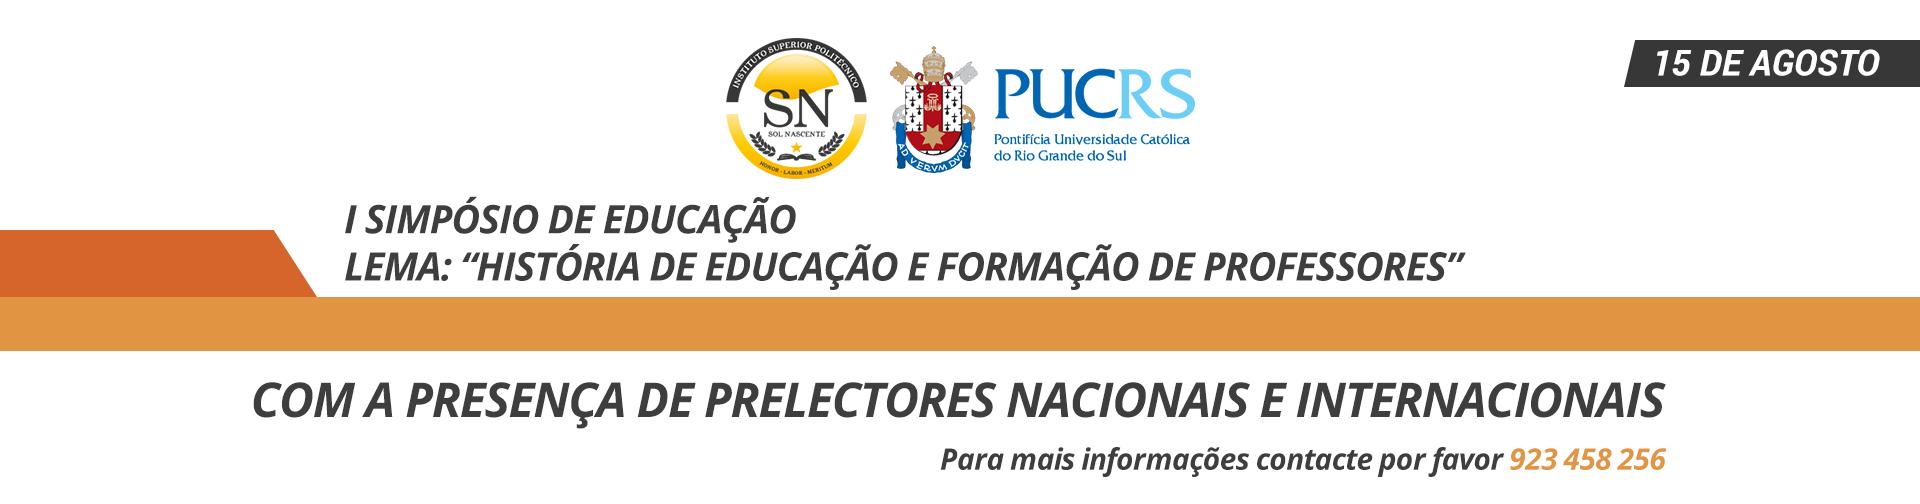 I Simpósio Internacional de Educação